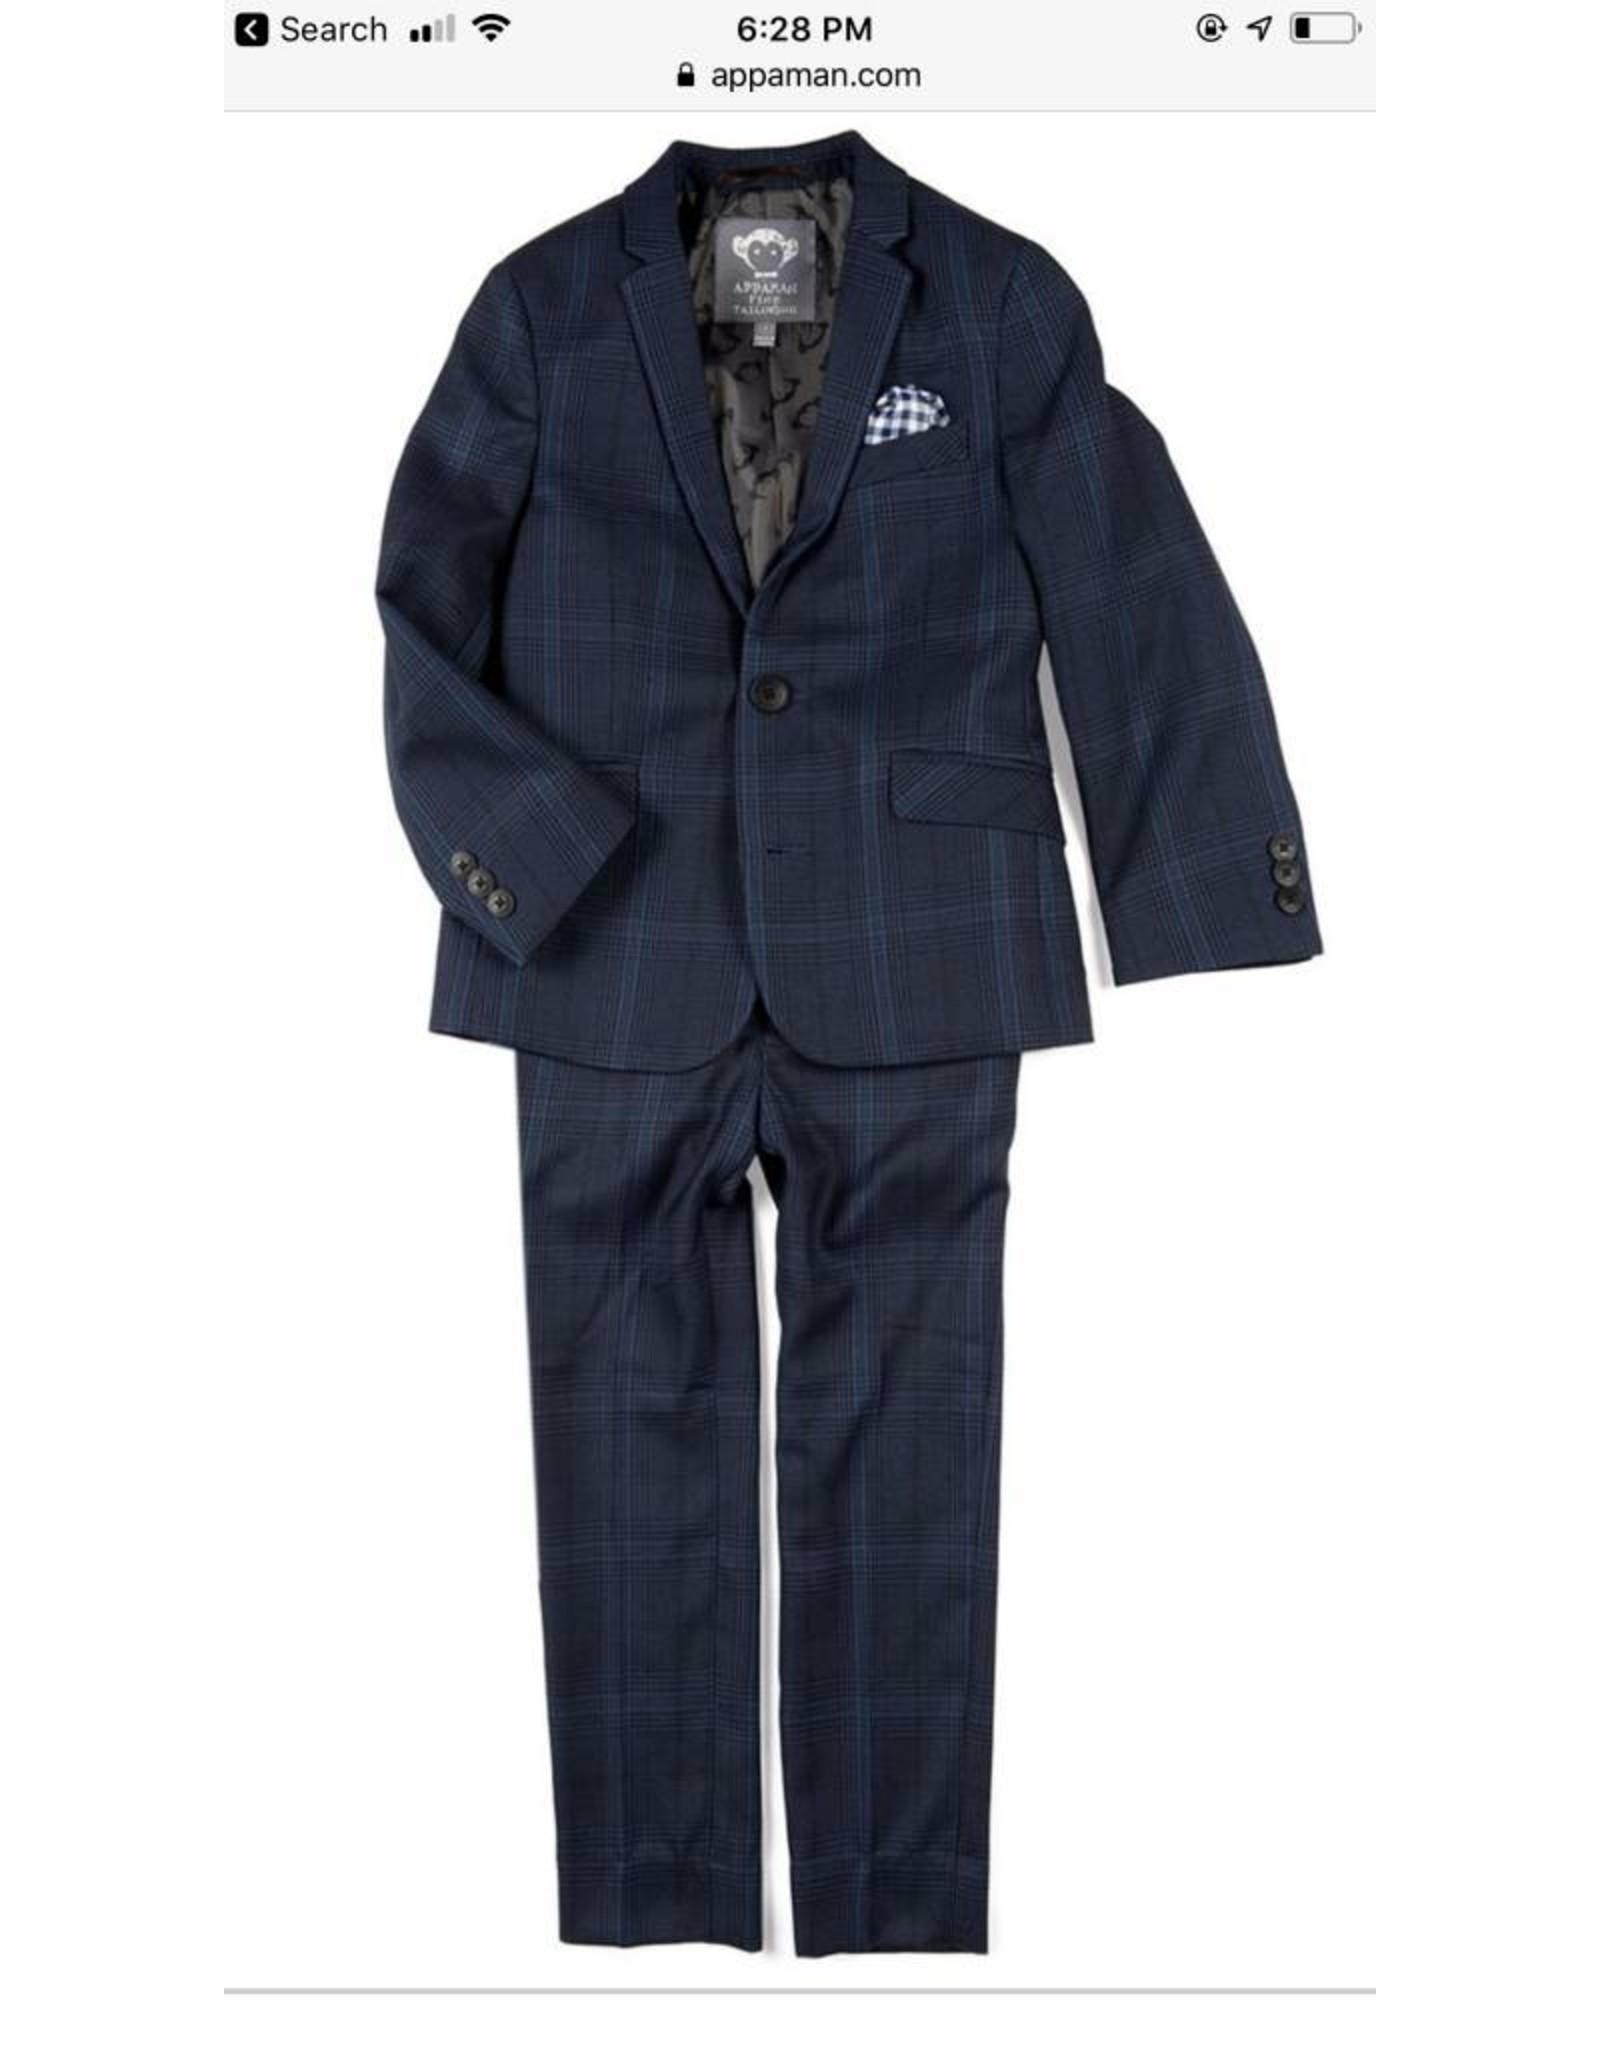 Appaman Appaman Navy Glen Plaid Suit